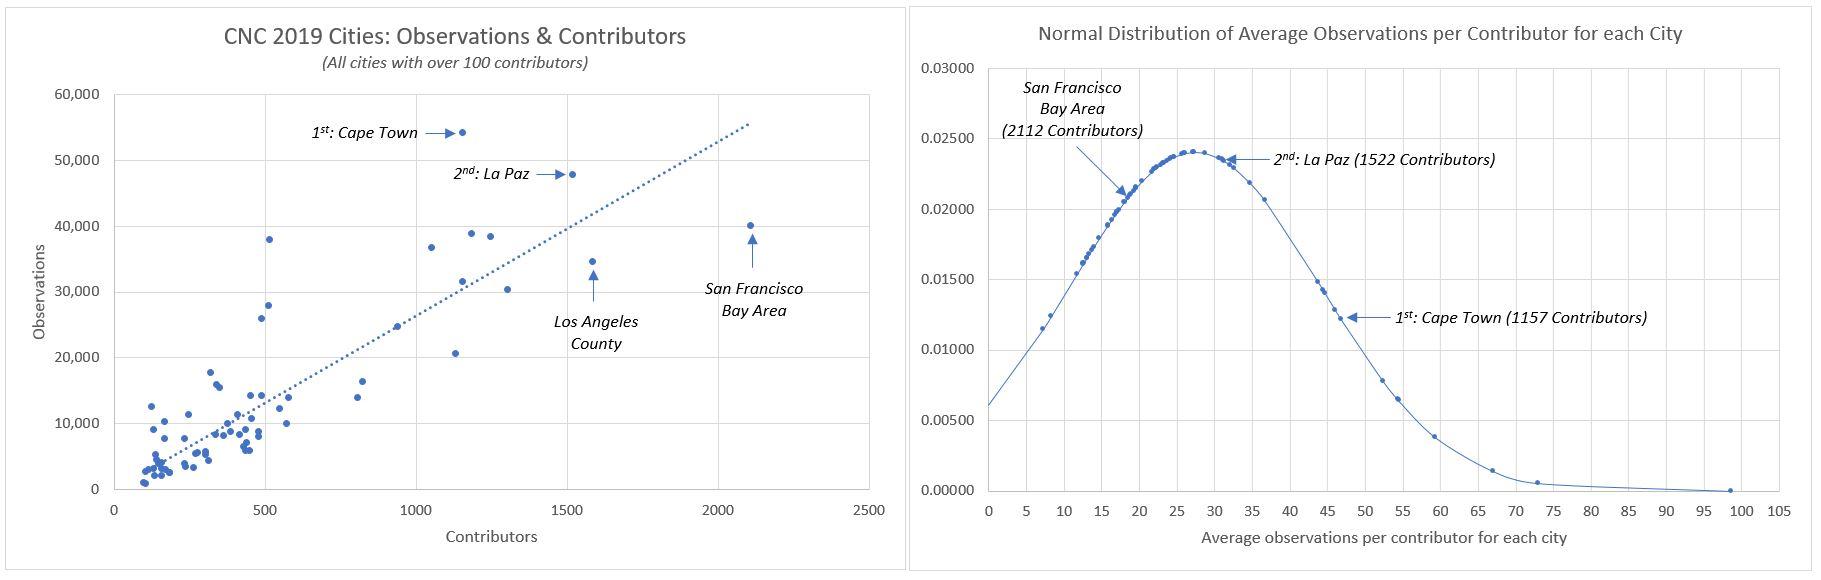 200228 - CNC2019 Graphs